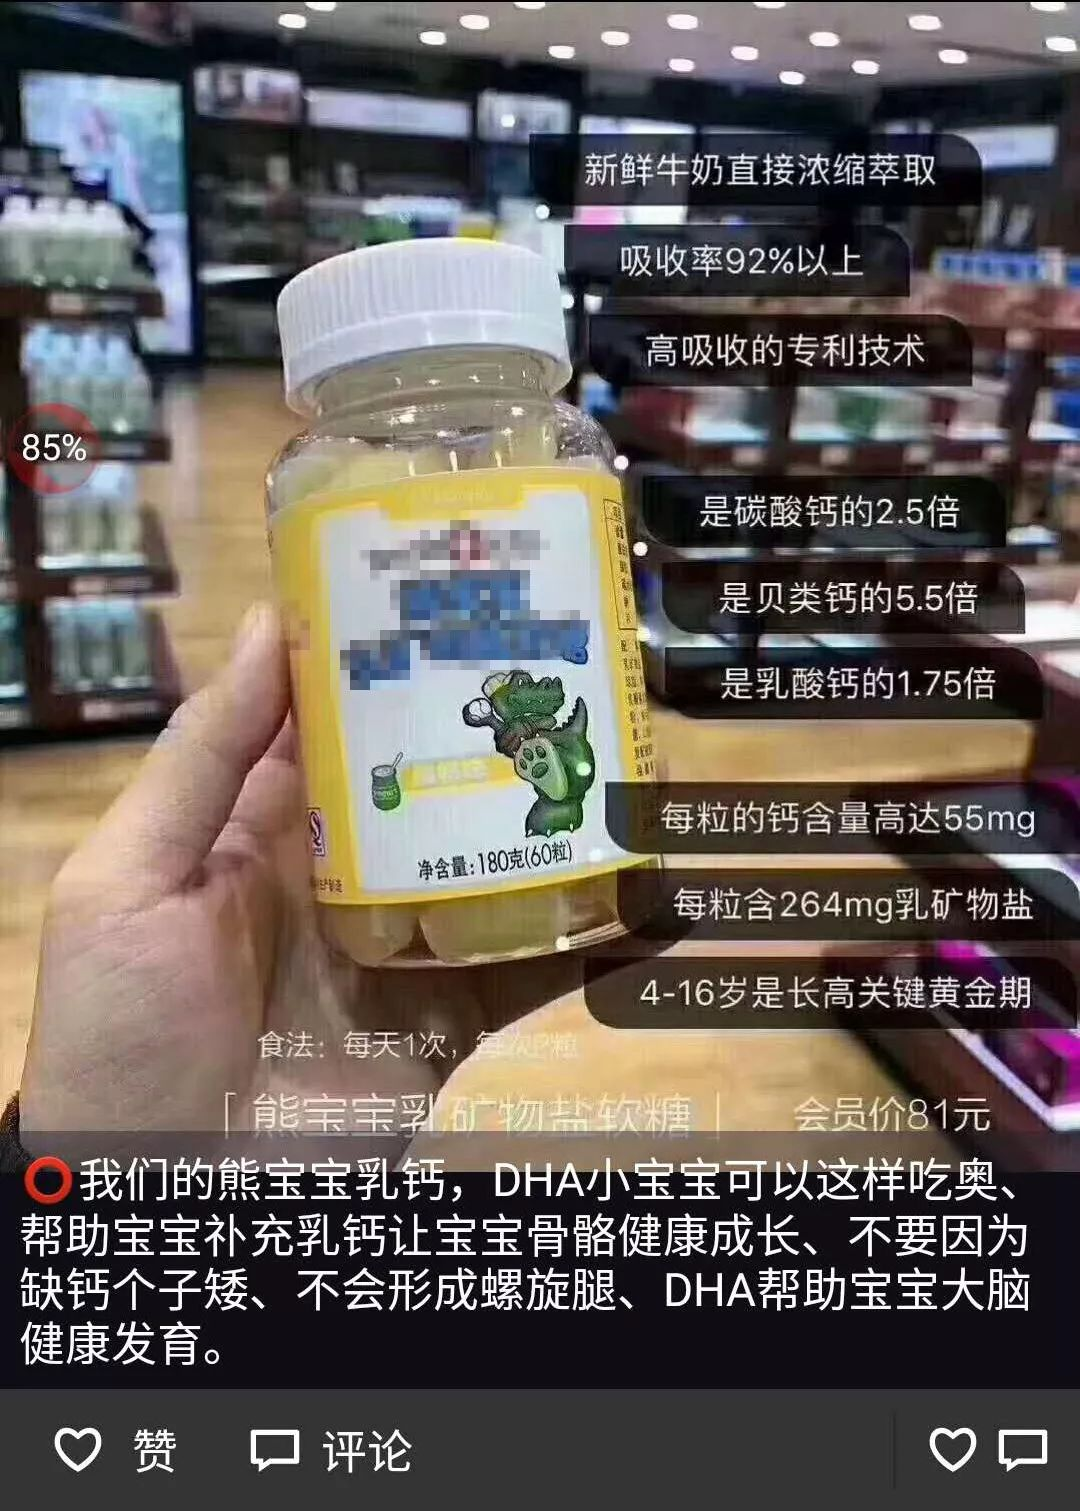 江苏一老师向家长推销高档保健品 不买就打孩子